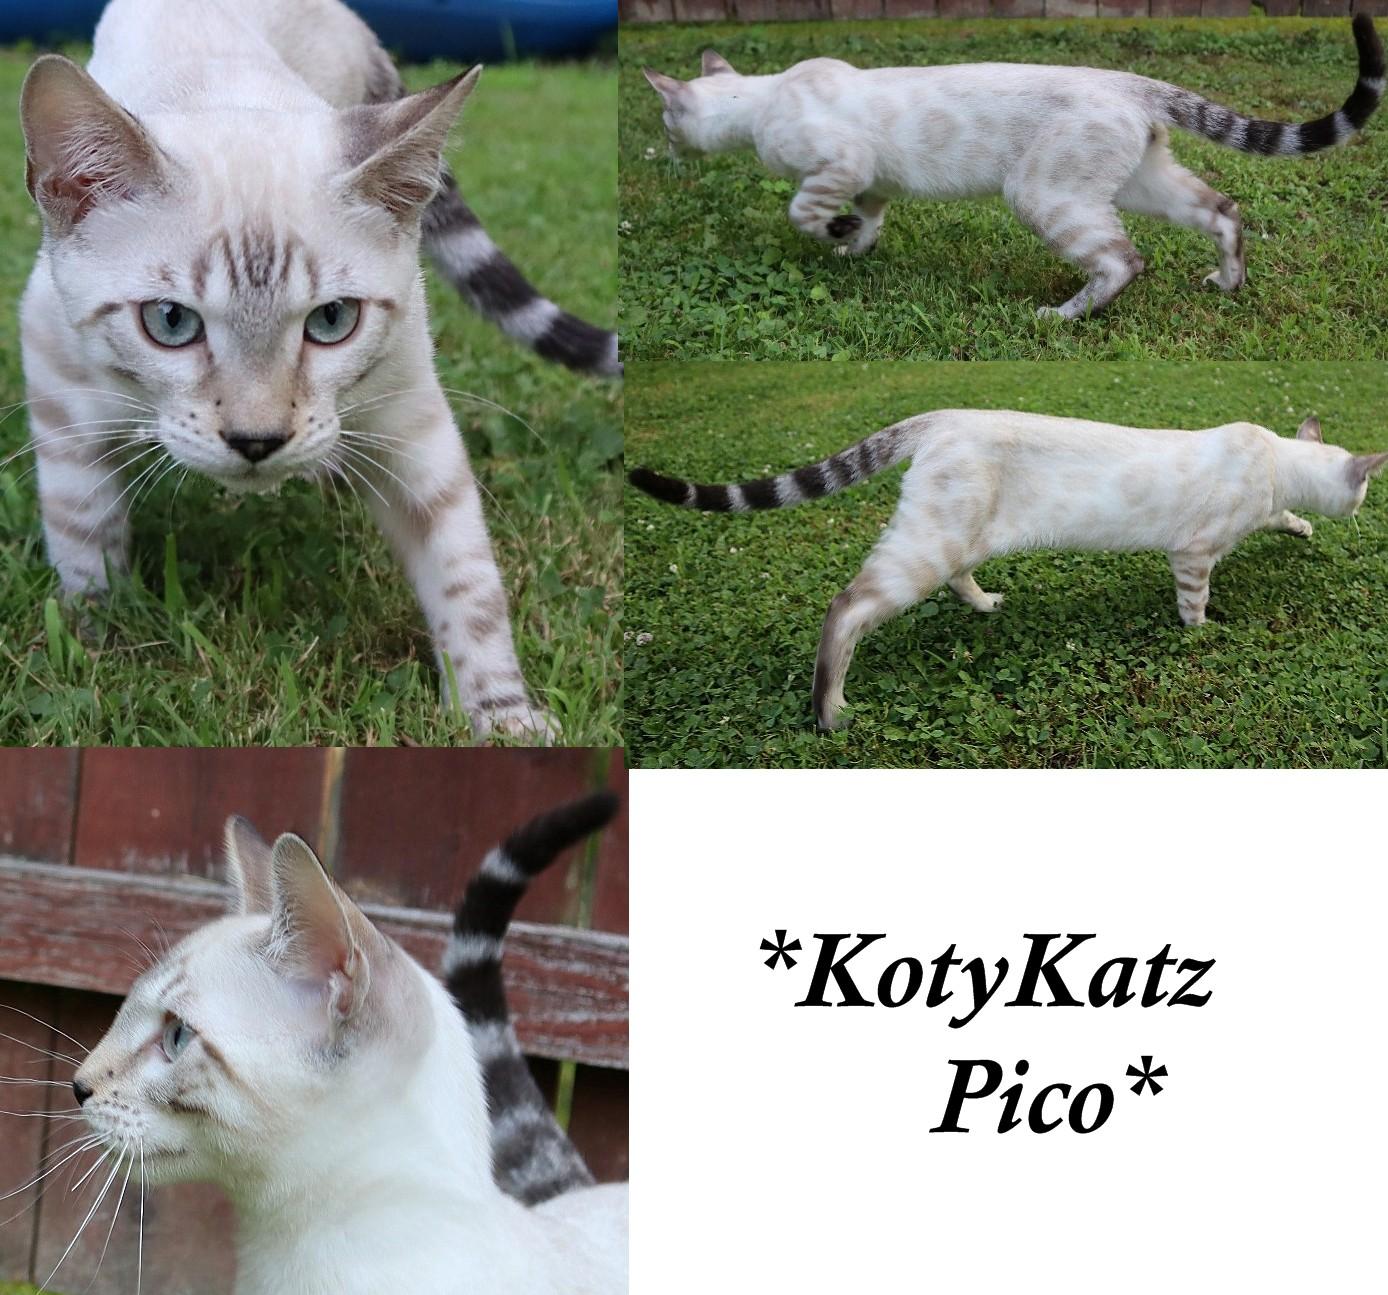 KotyKatz Pico 4 Months